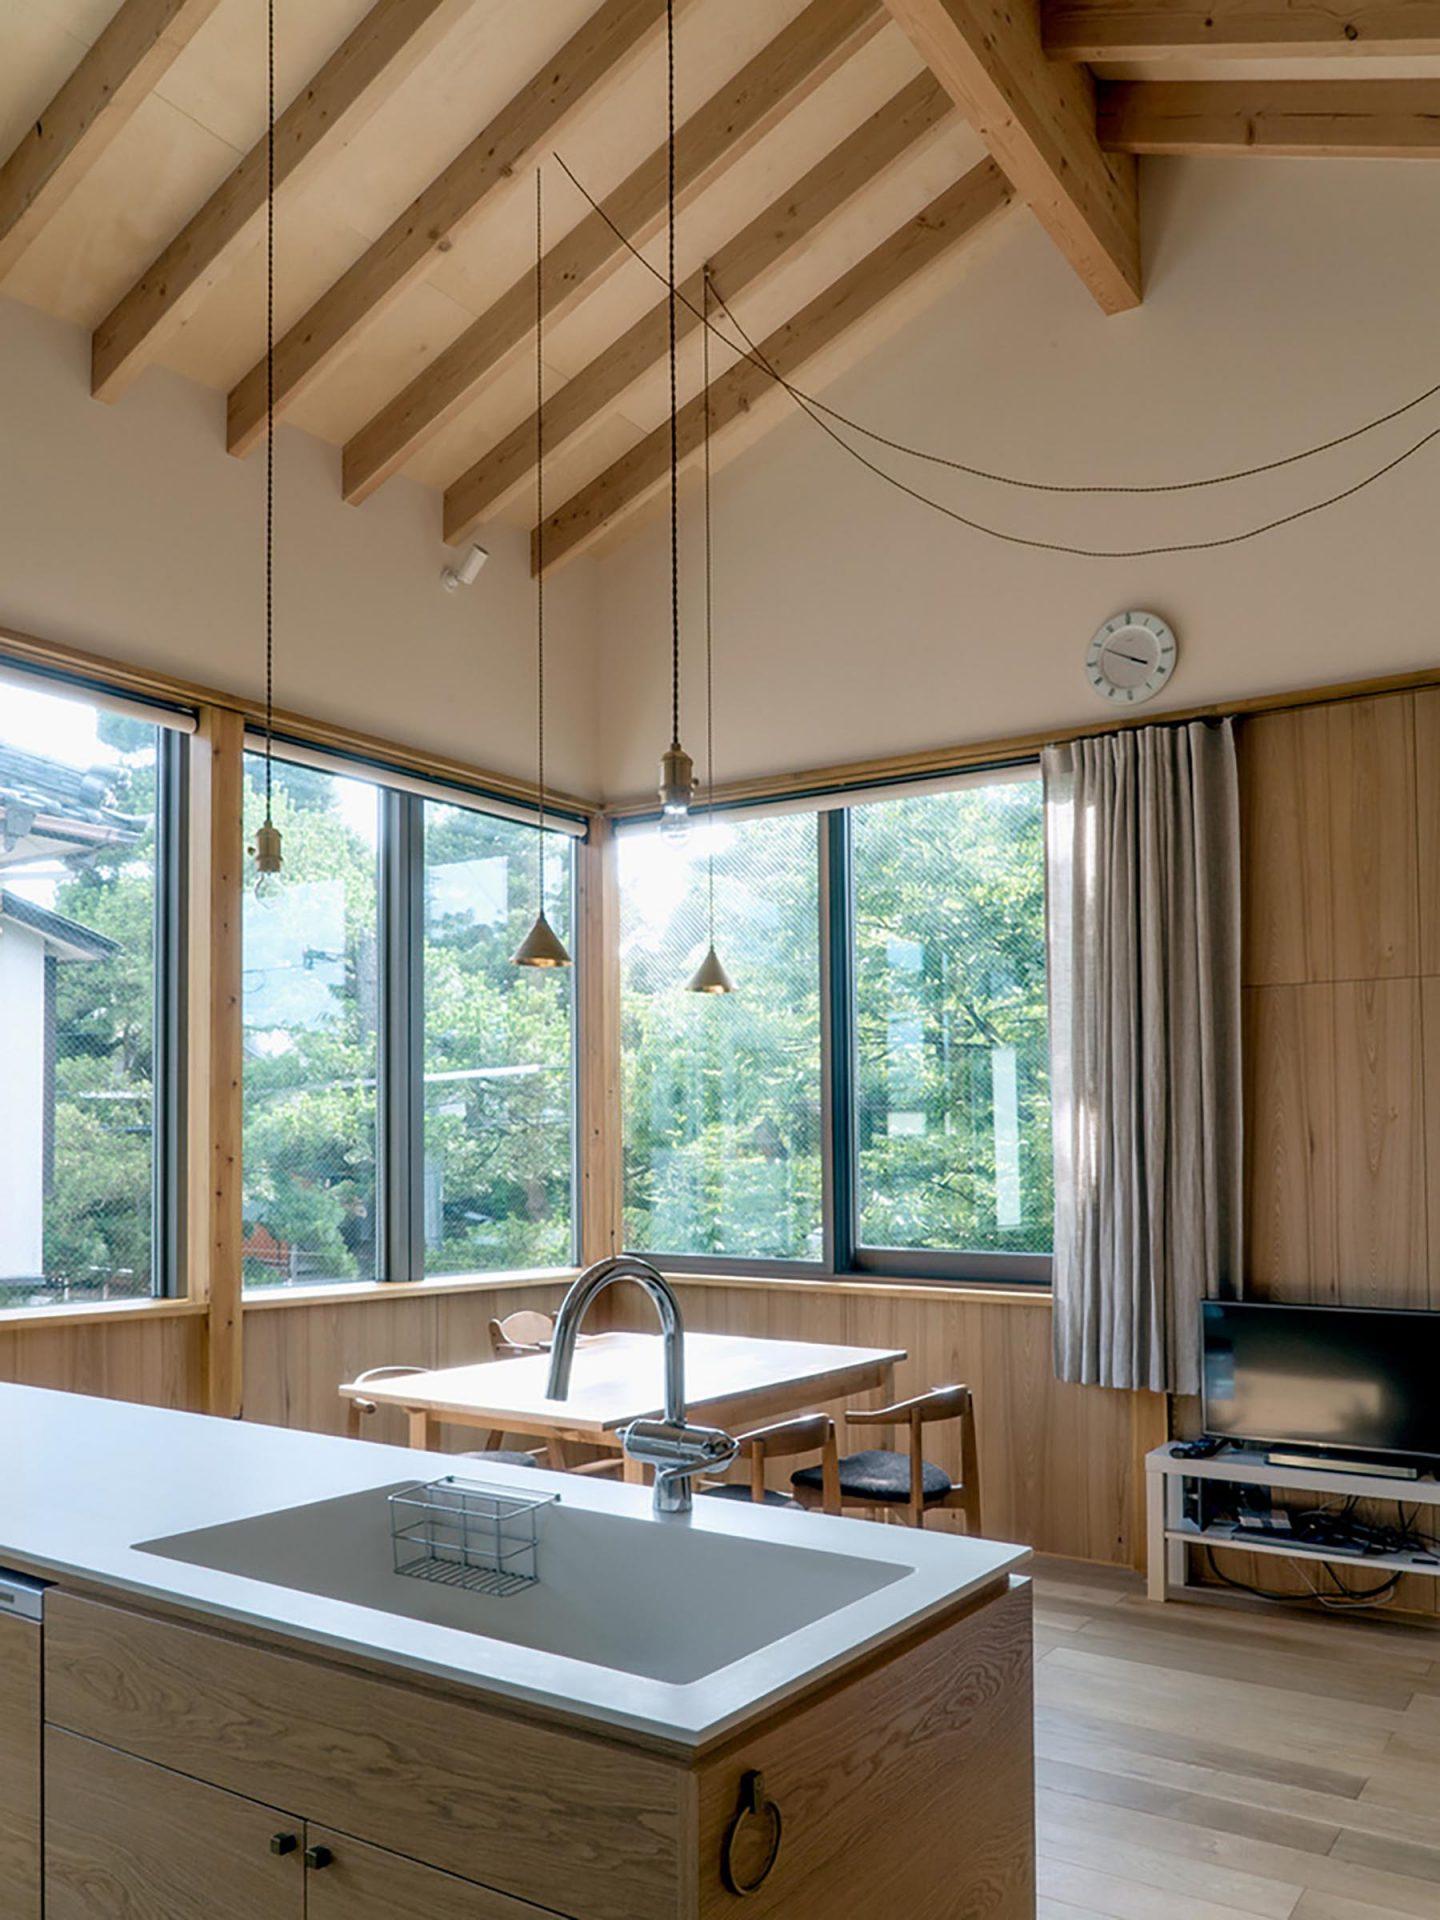 iGNANT-Architecture-Schenk-Hattori-Housing-Complex-006